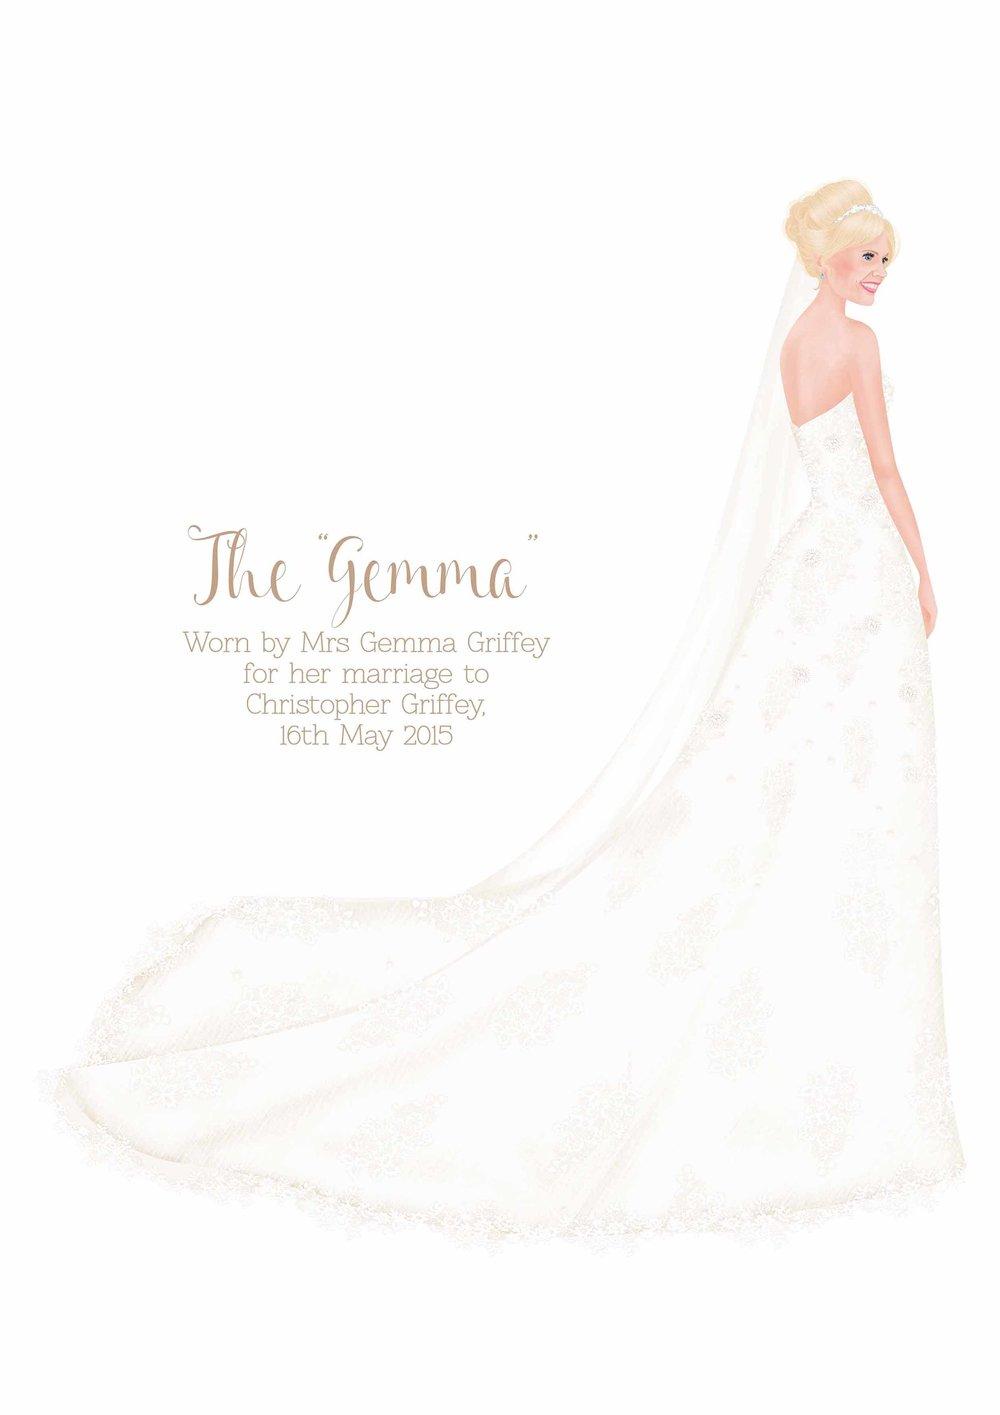 The-Gemma-A4-RGB.jpg